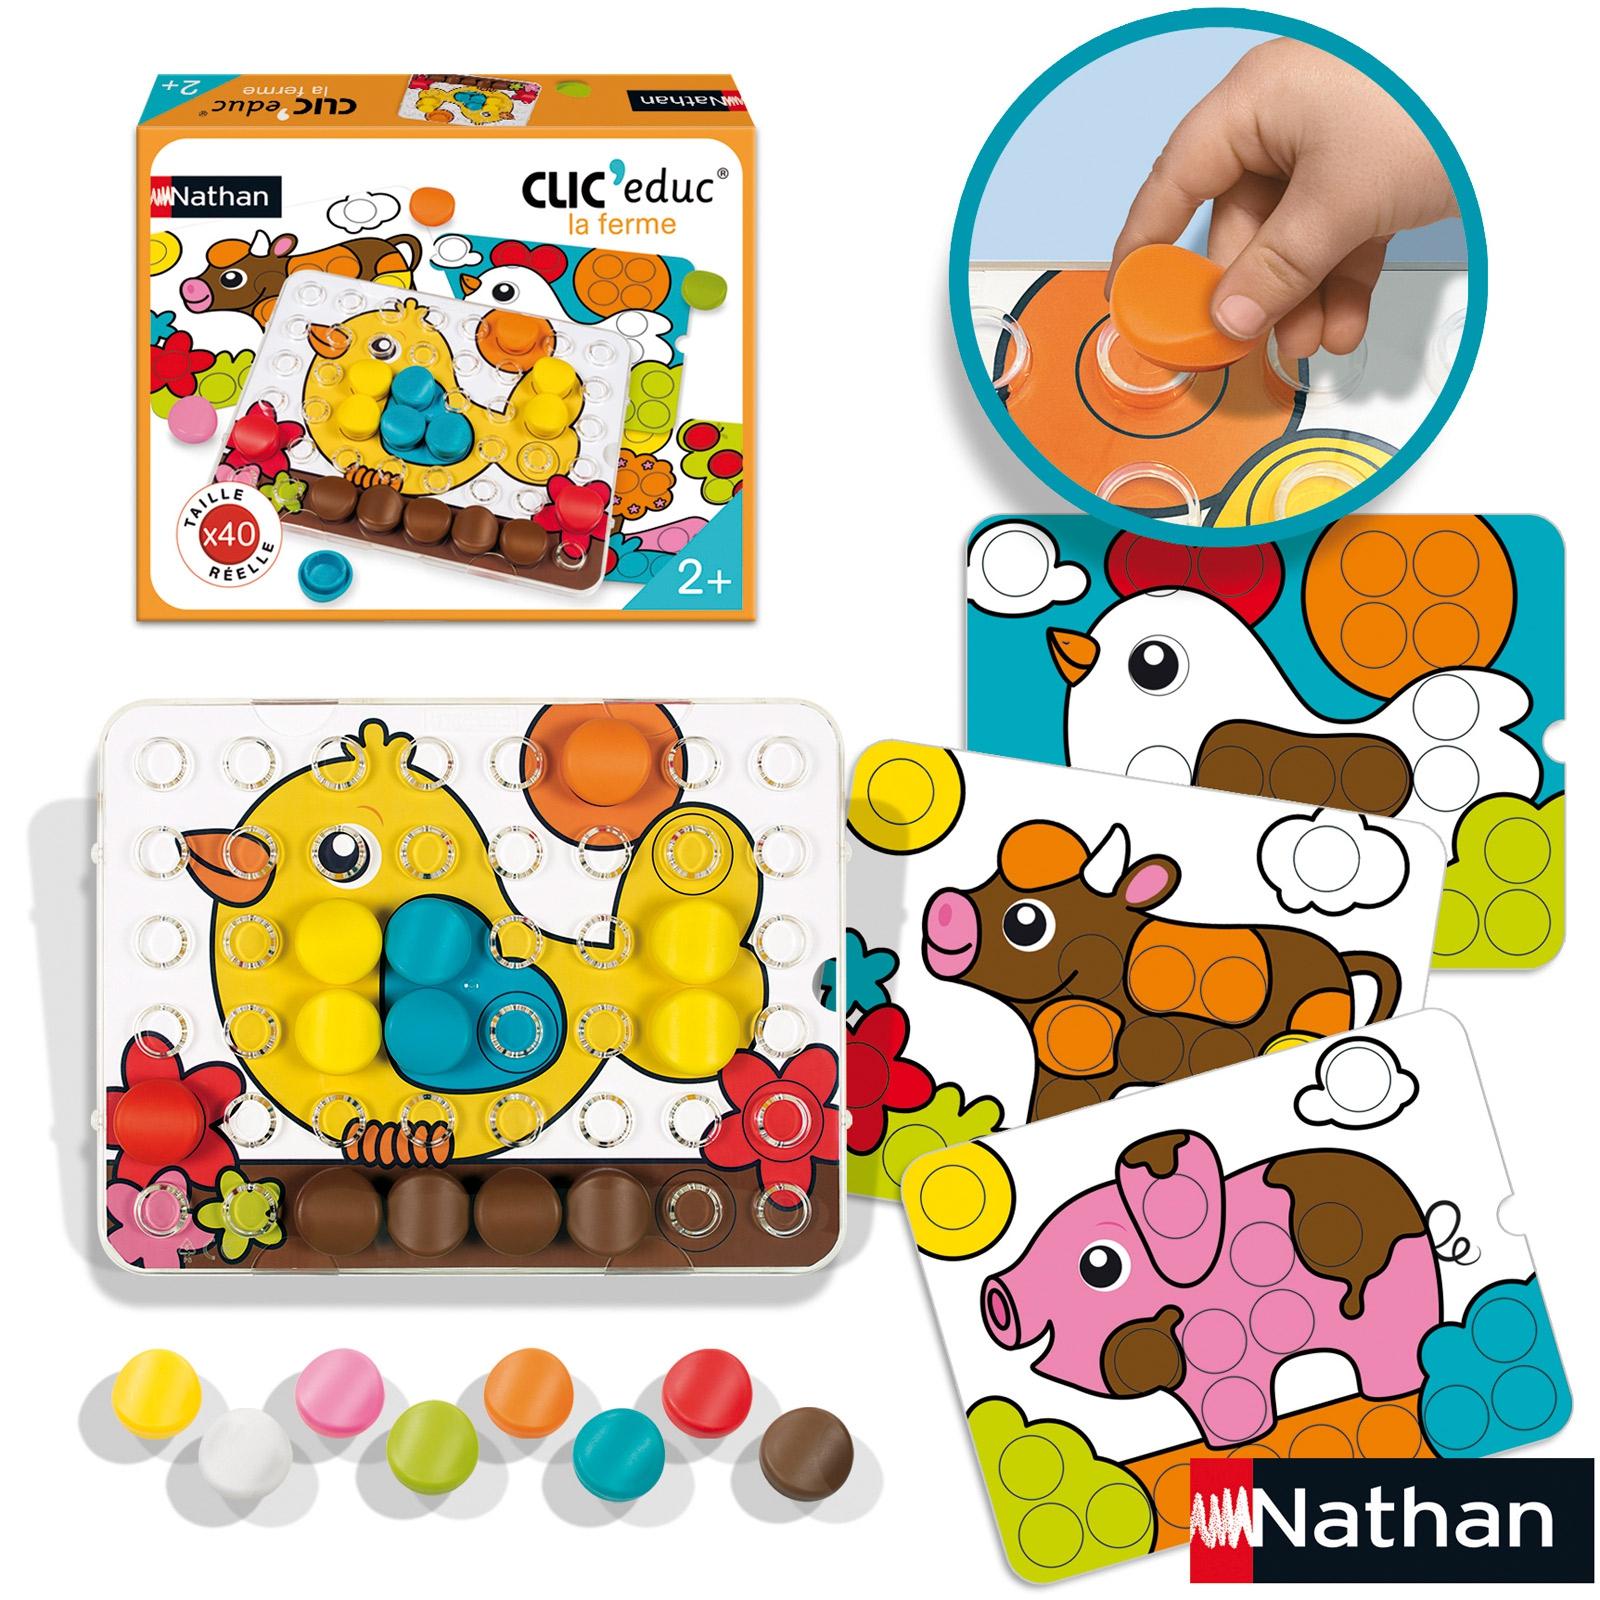 Idées Cadeaux Montessori Pour Enfants De 18 Mois À 3 Ans intérieur Jeux Pour Bébé 2 Ans